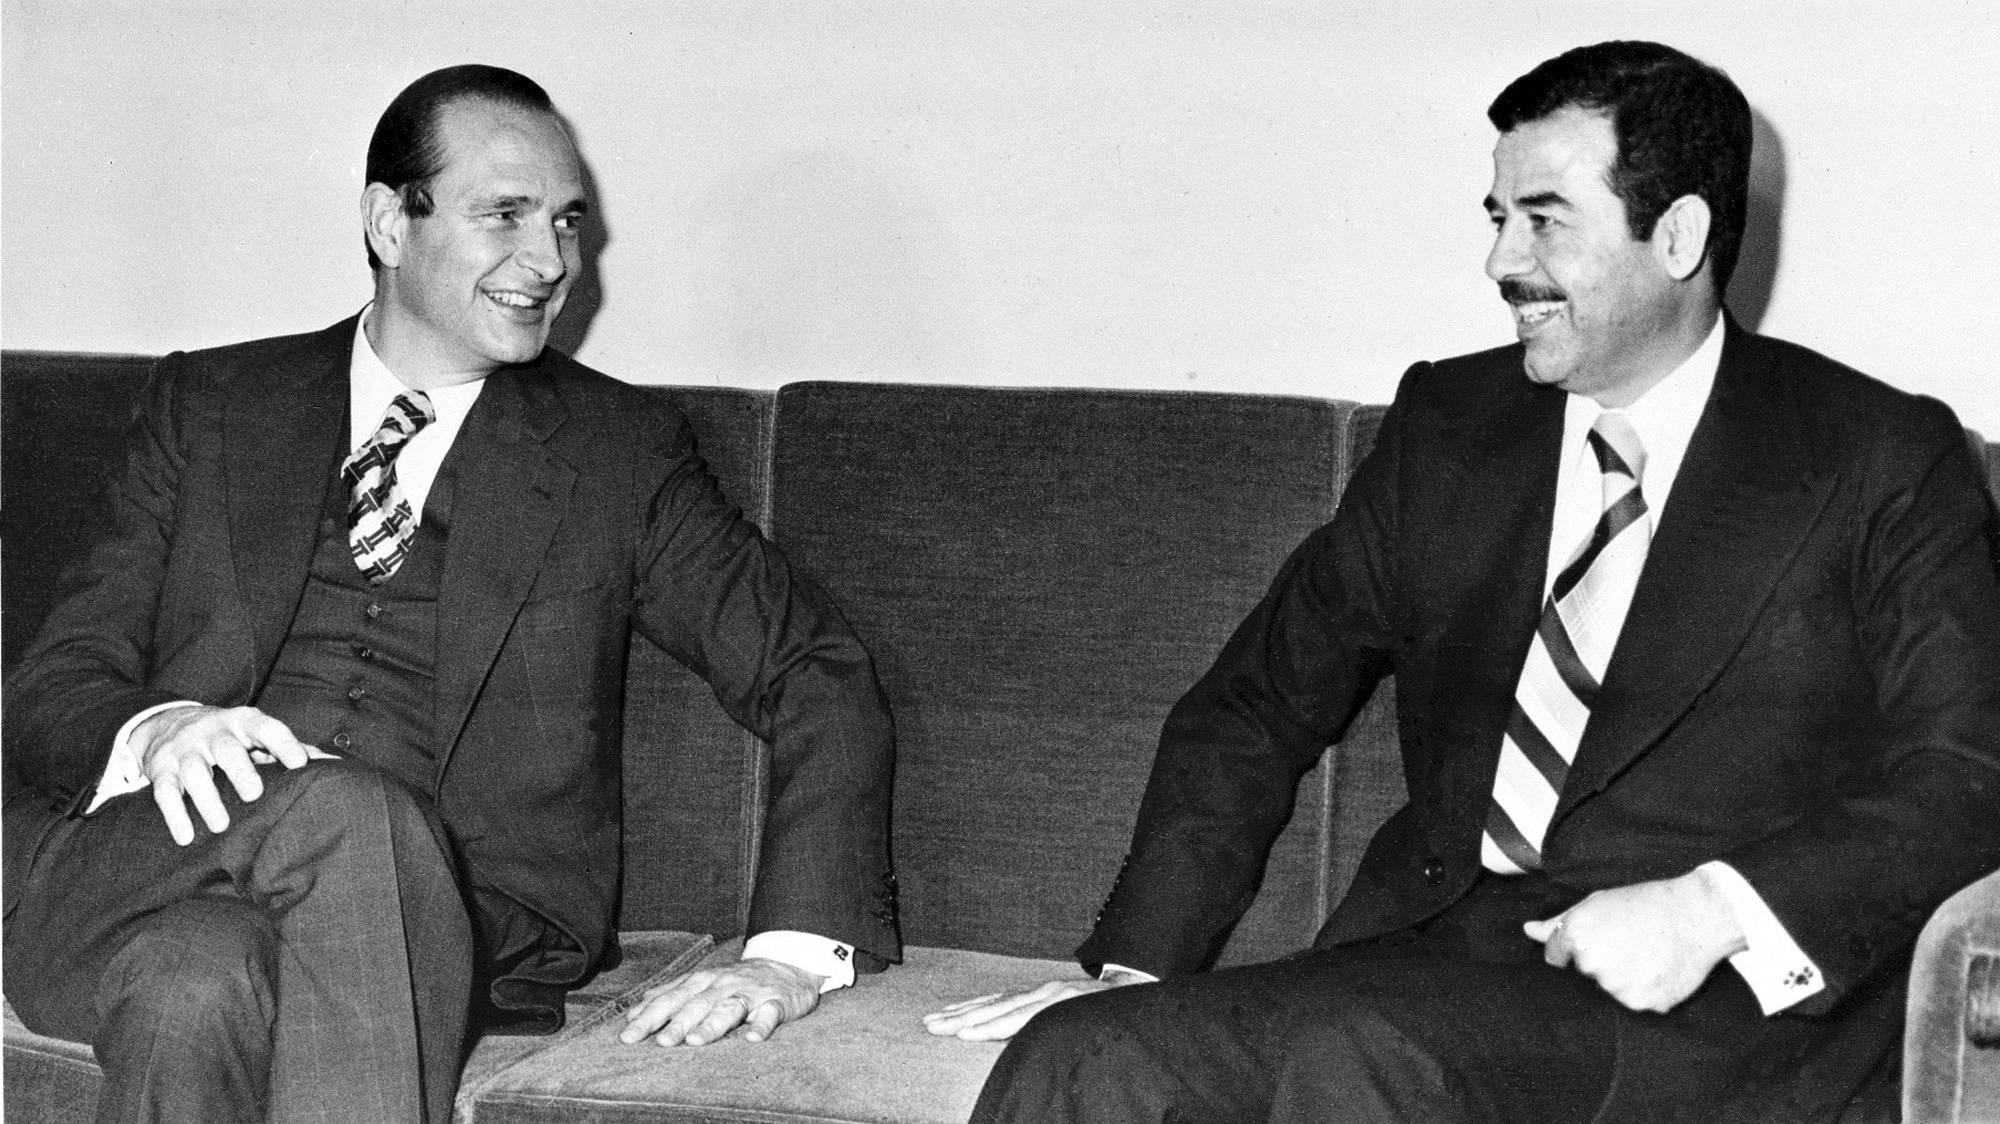 Jacques Chirac, alors Premier ministre, et l'Irakien Saddam Hussein, en décembre 1974 à Bagdad.